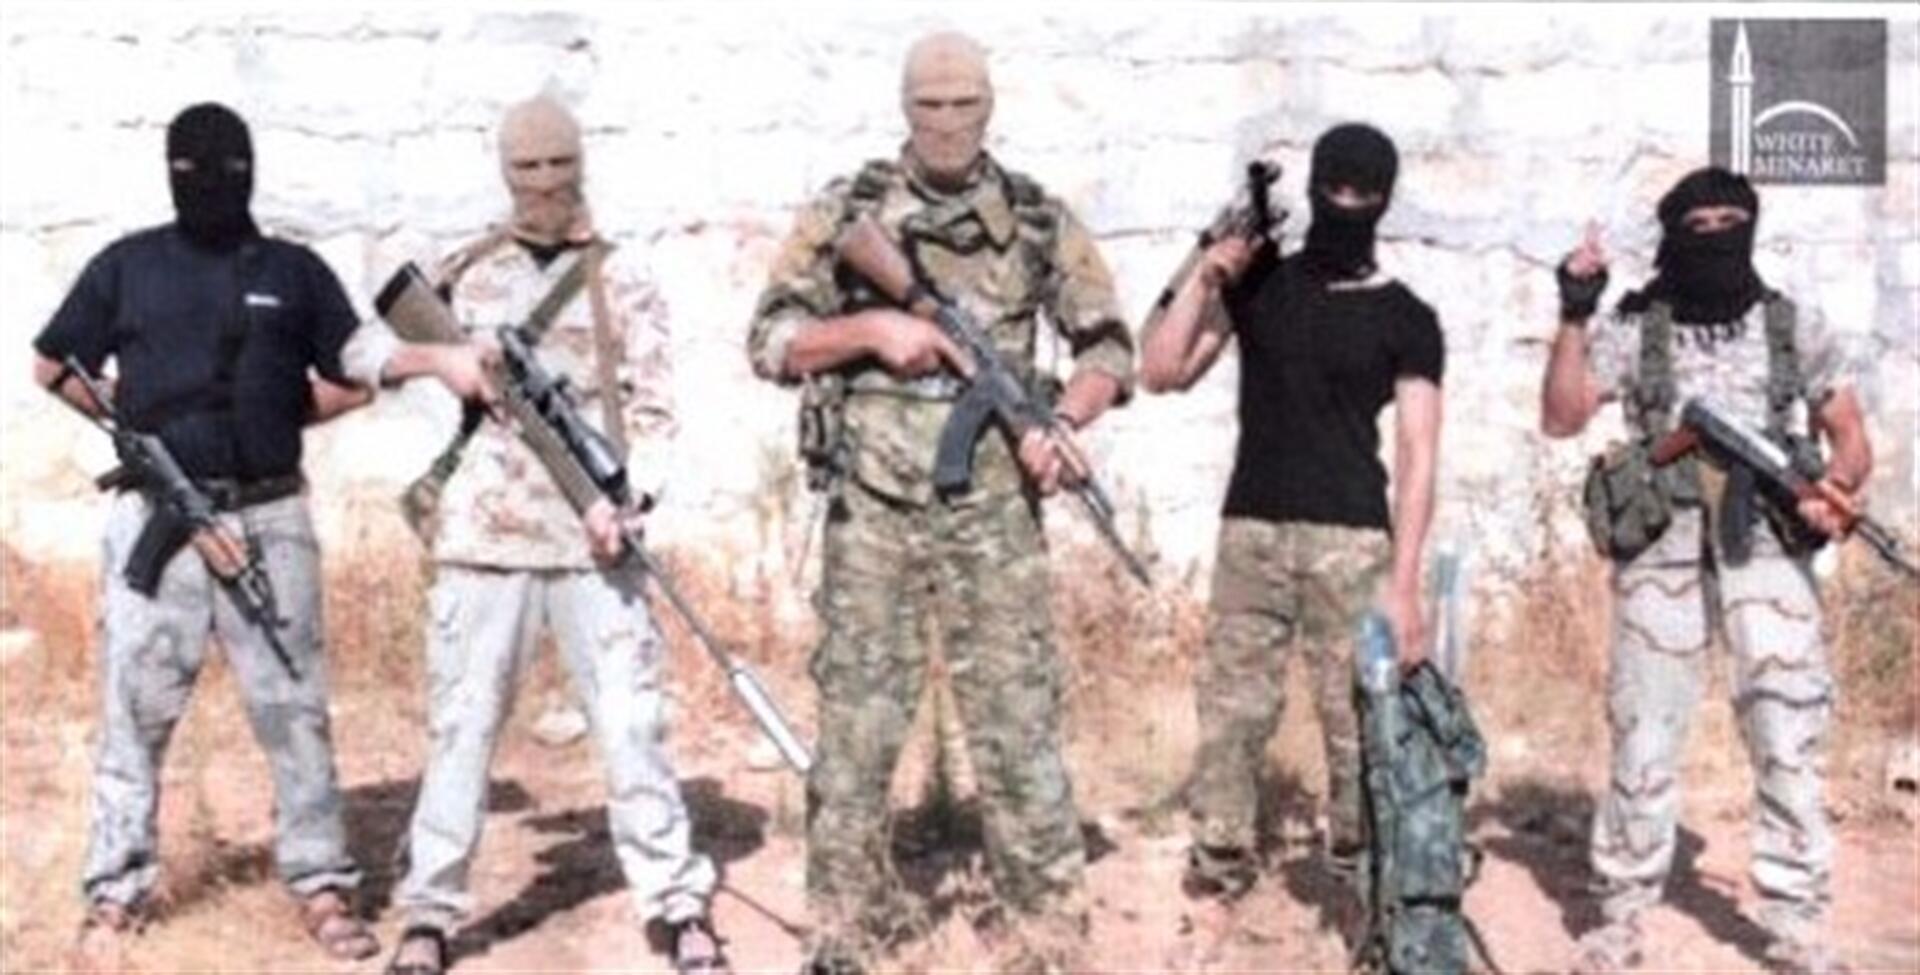 Suriyeli genci 50 bin dolar fidye için kaçıran Suriyeliler yakalandı 20